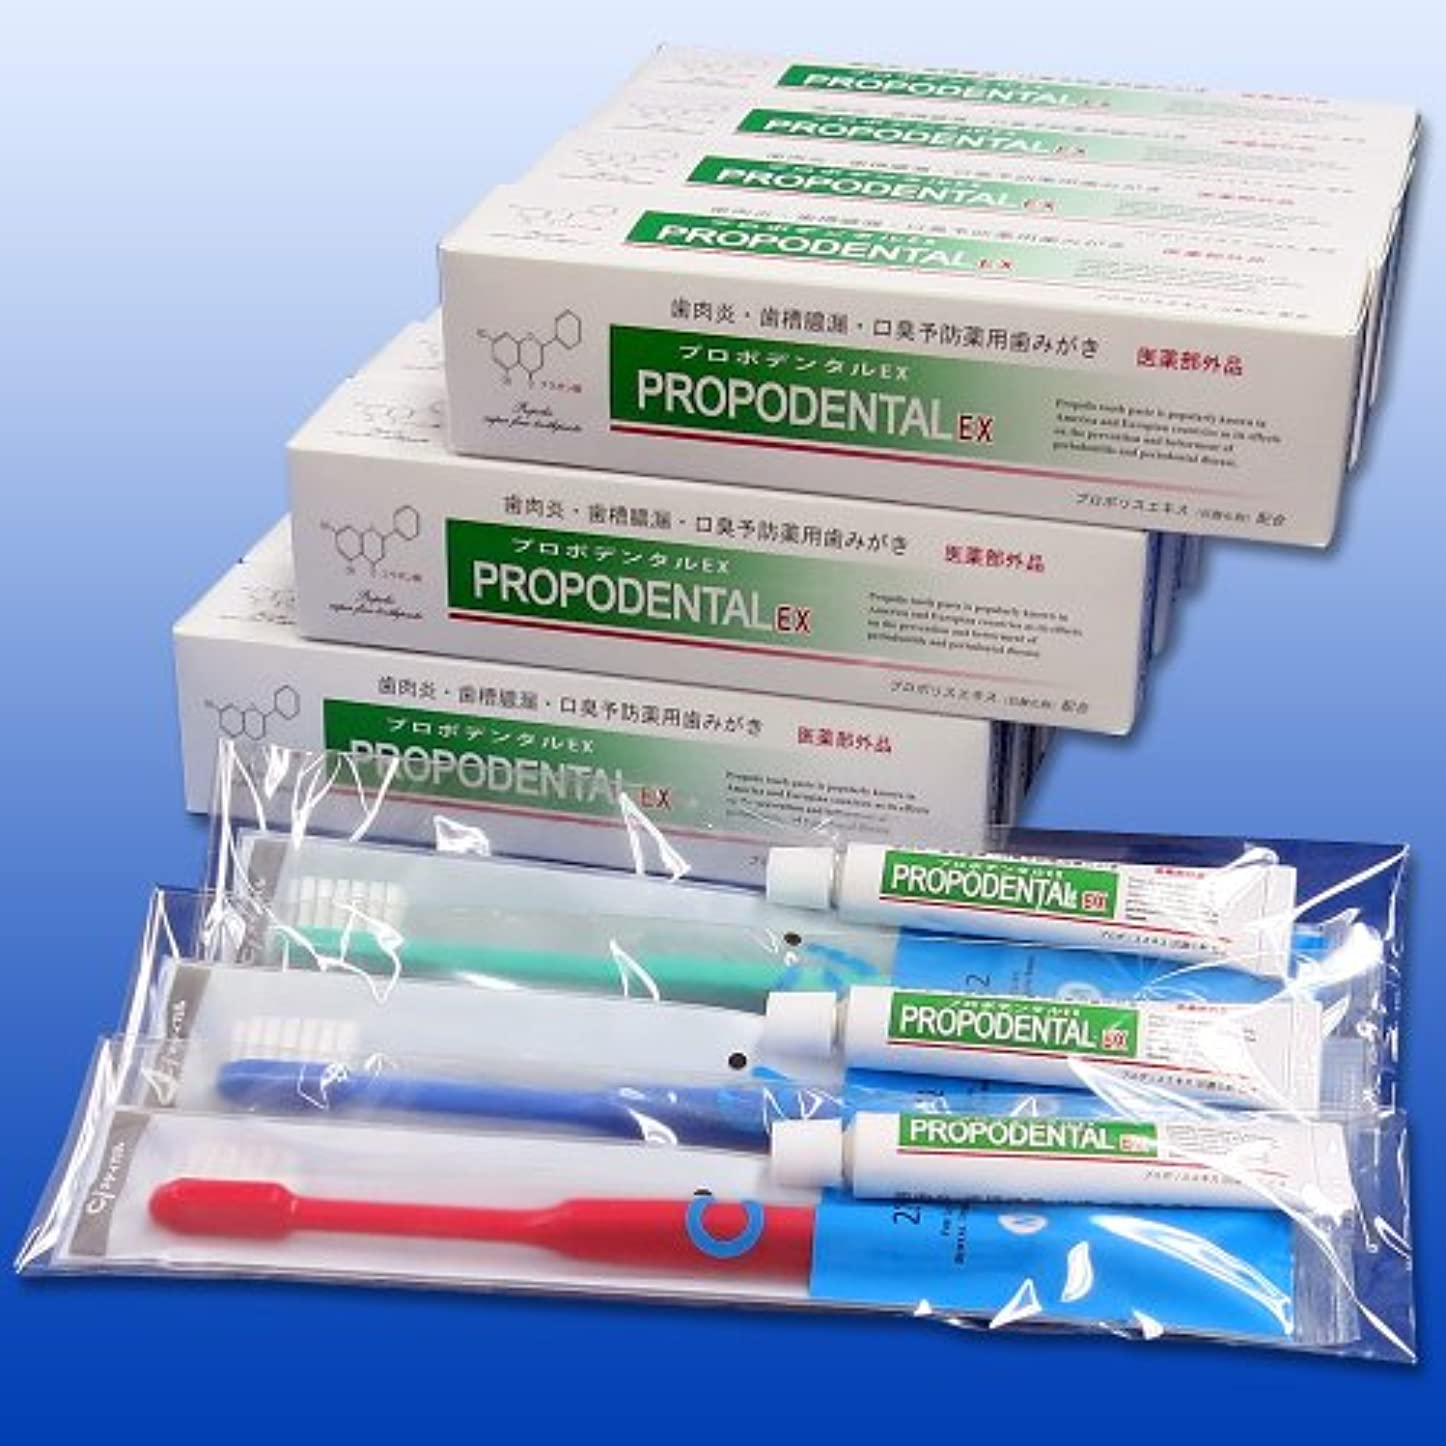 パワーセル新しさ編集するプロポデンタルEX(80g)12本セット+ハブラシセット 3セット【歯周病】歯磨き粉 プロポリス配合薬用歯みがき 口臭ケア